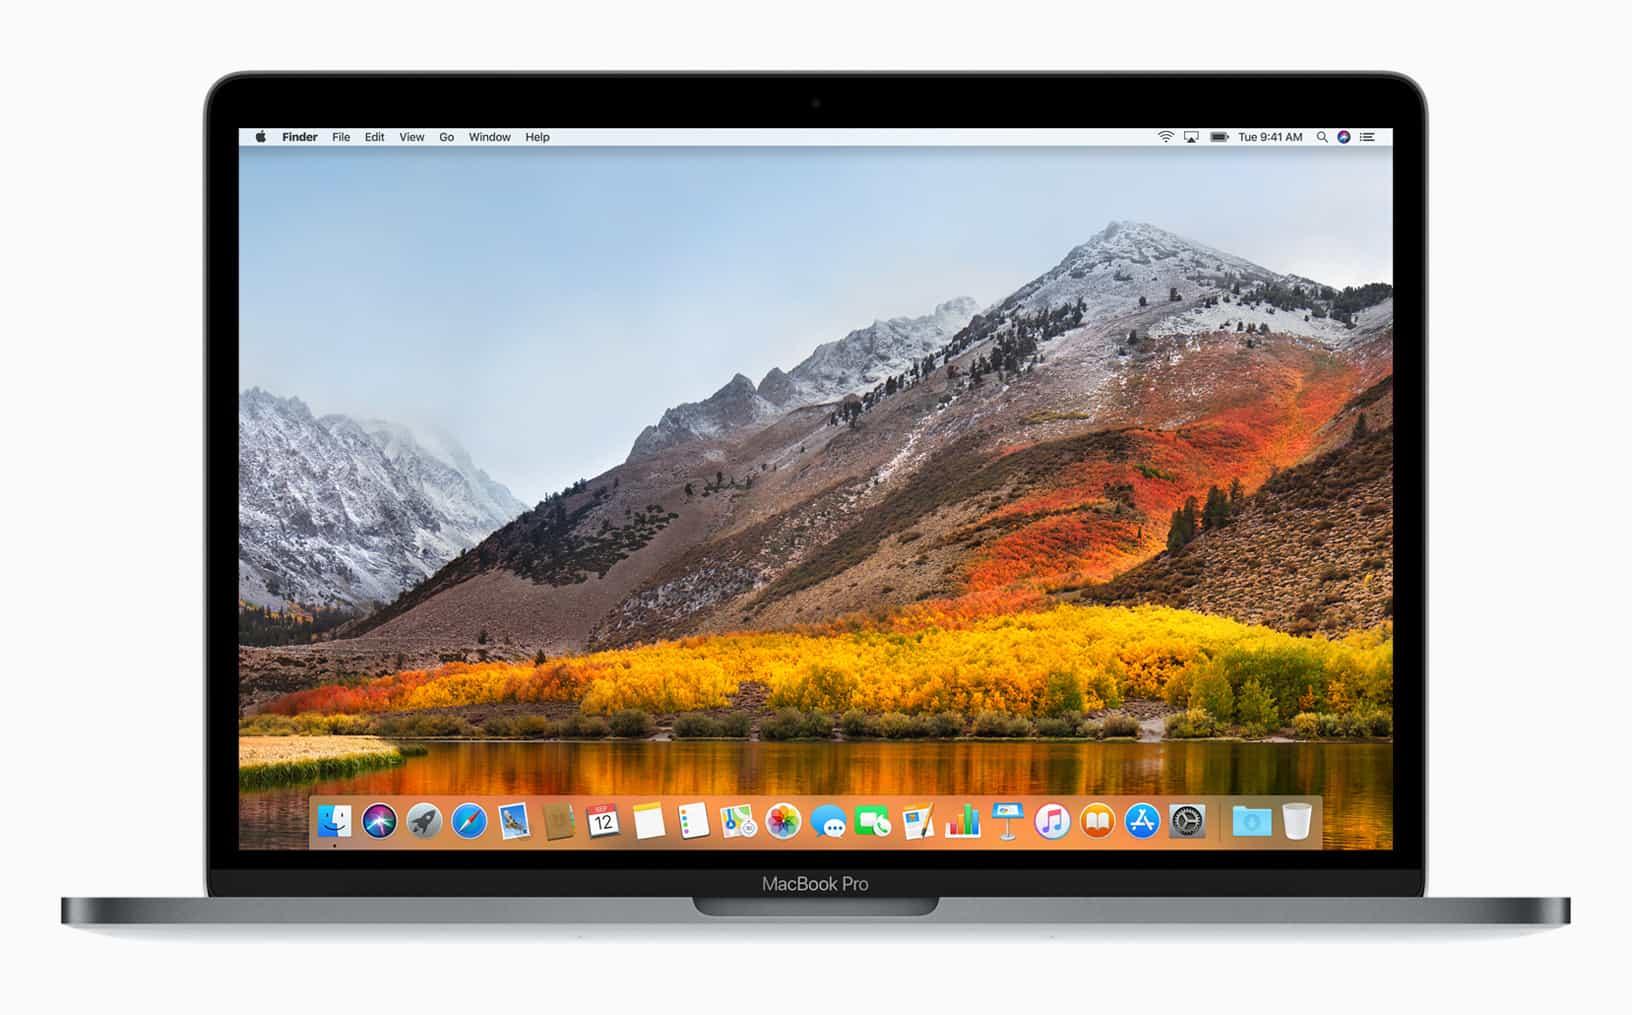 MacBook Pro lid open